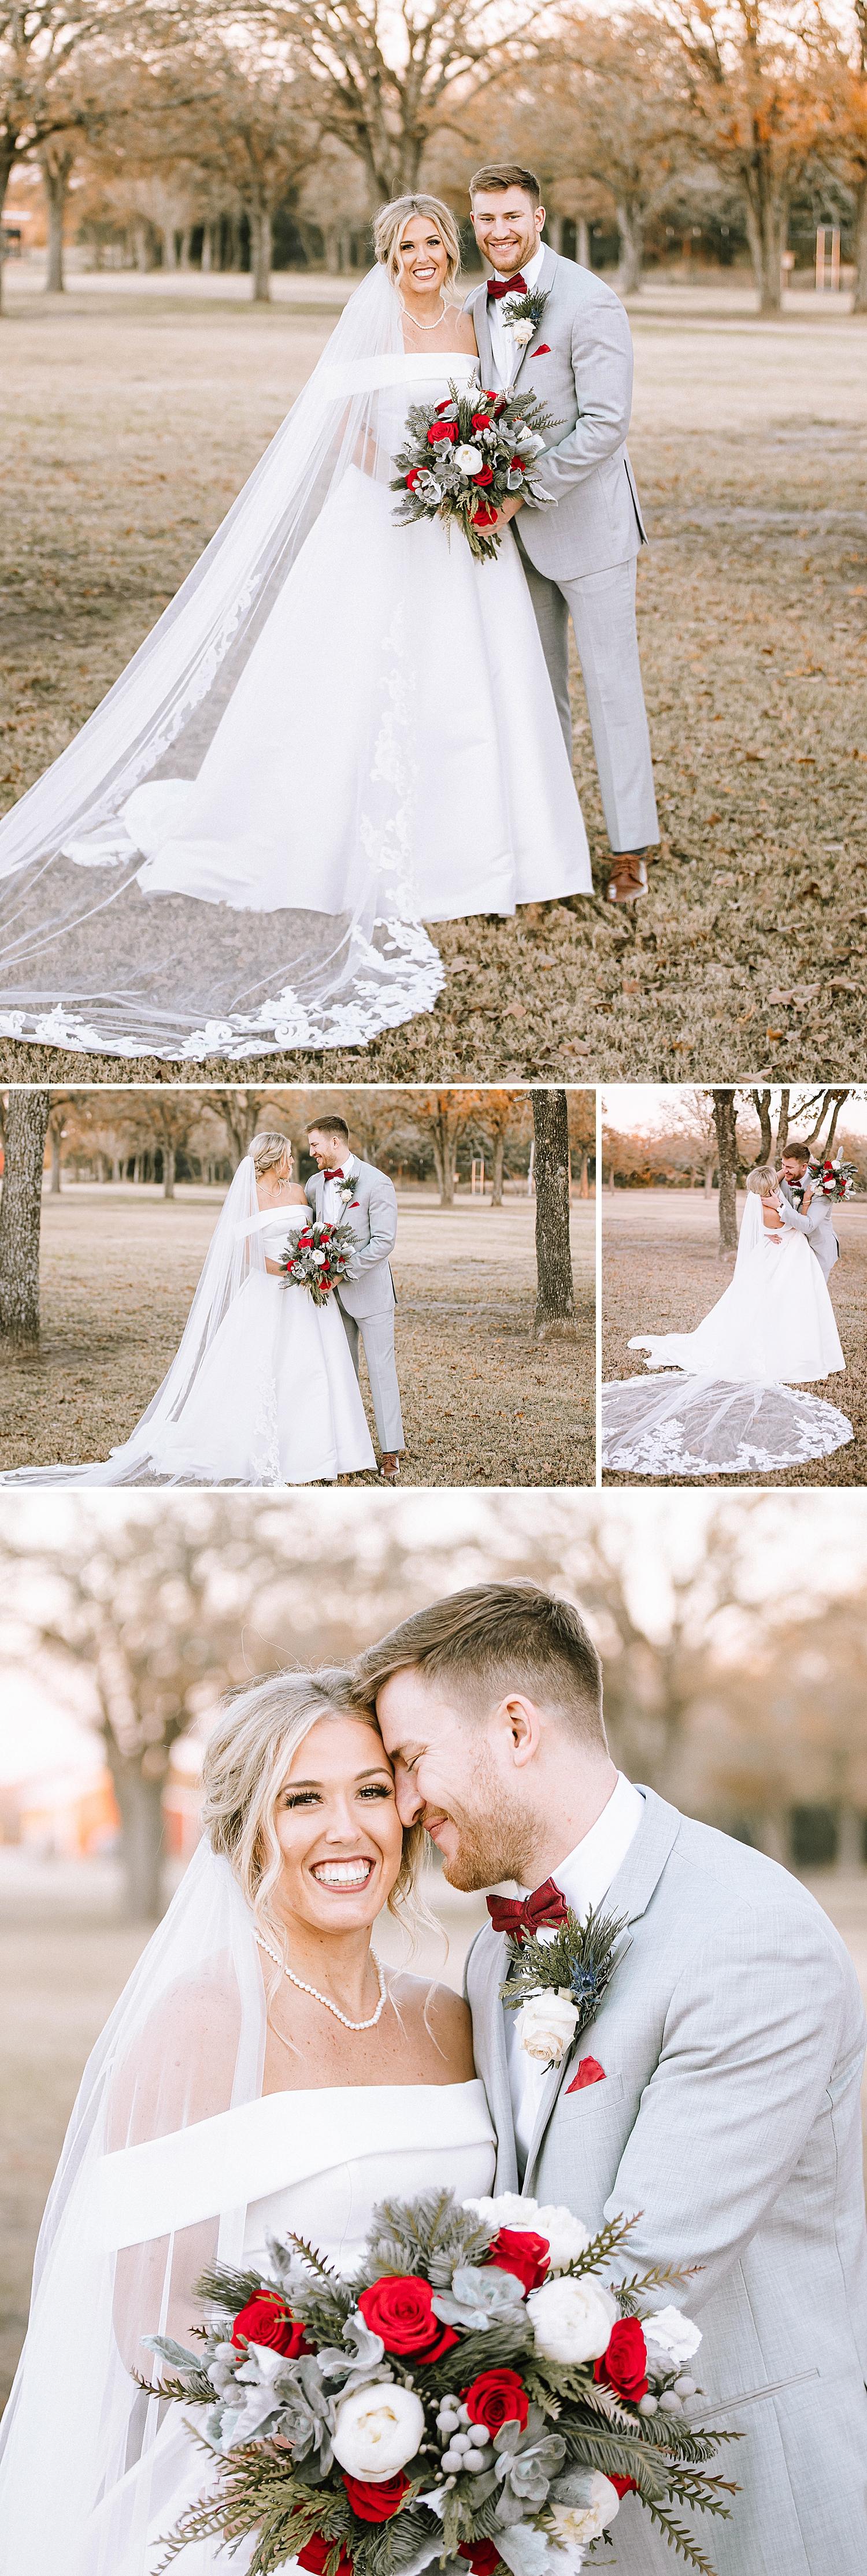 College-Station-Aggie-Wedding-The-Weinberg-at-Wixon-Valley-Christmas-Hallmark-Wedding_0077.jpg